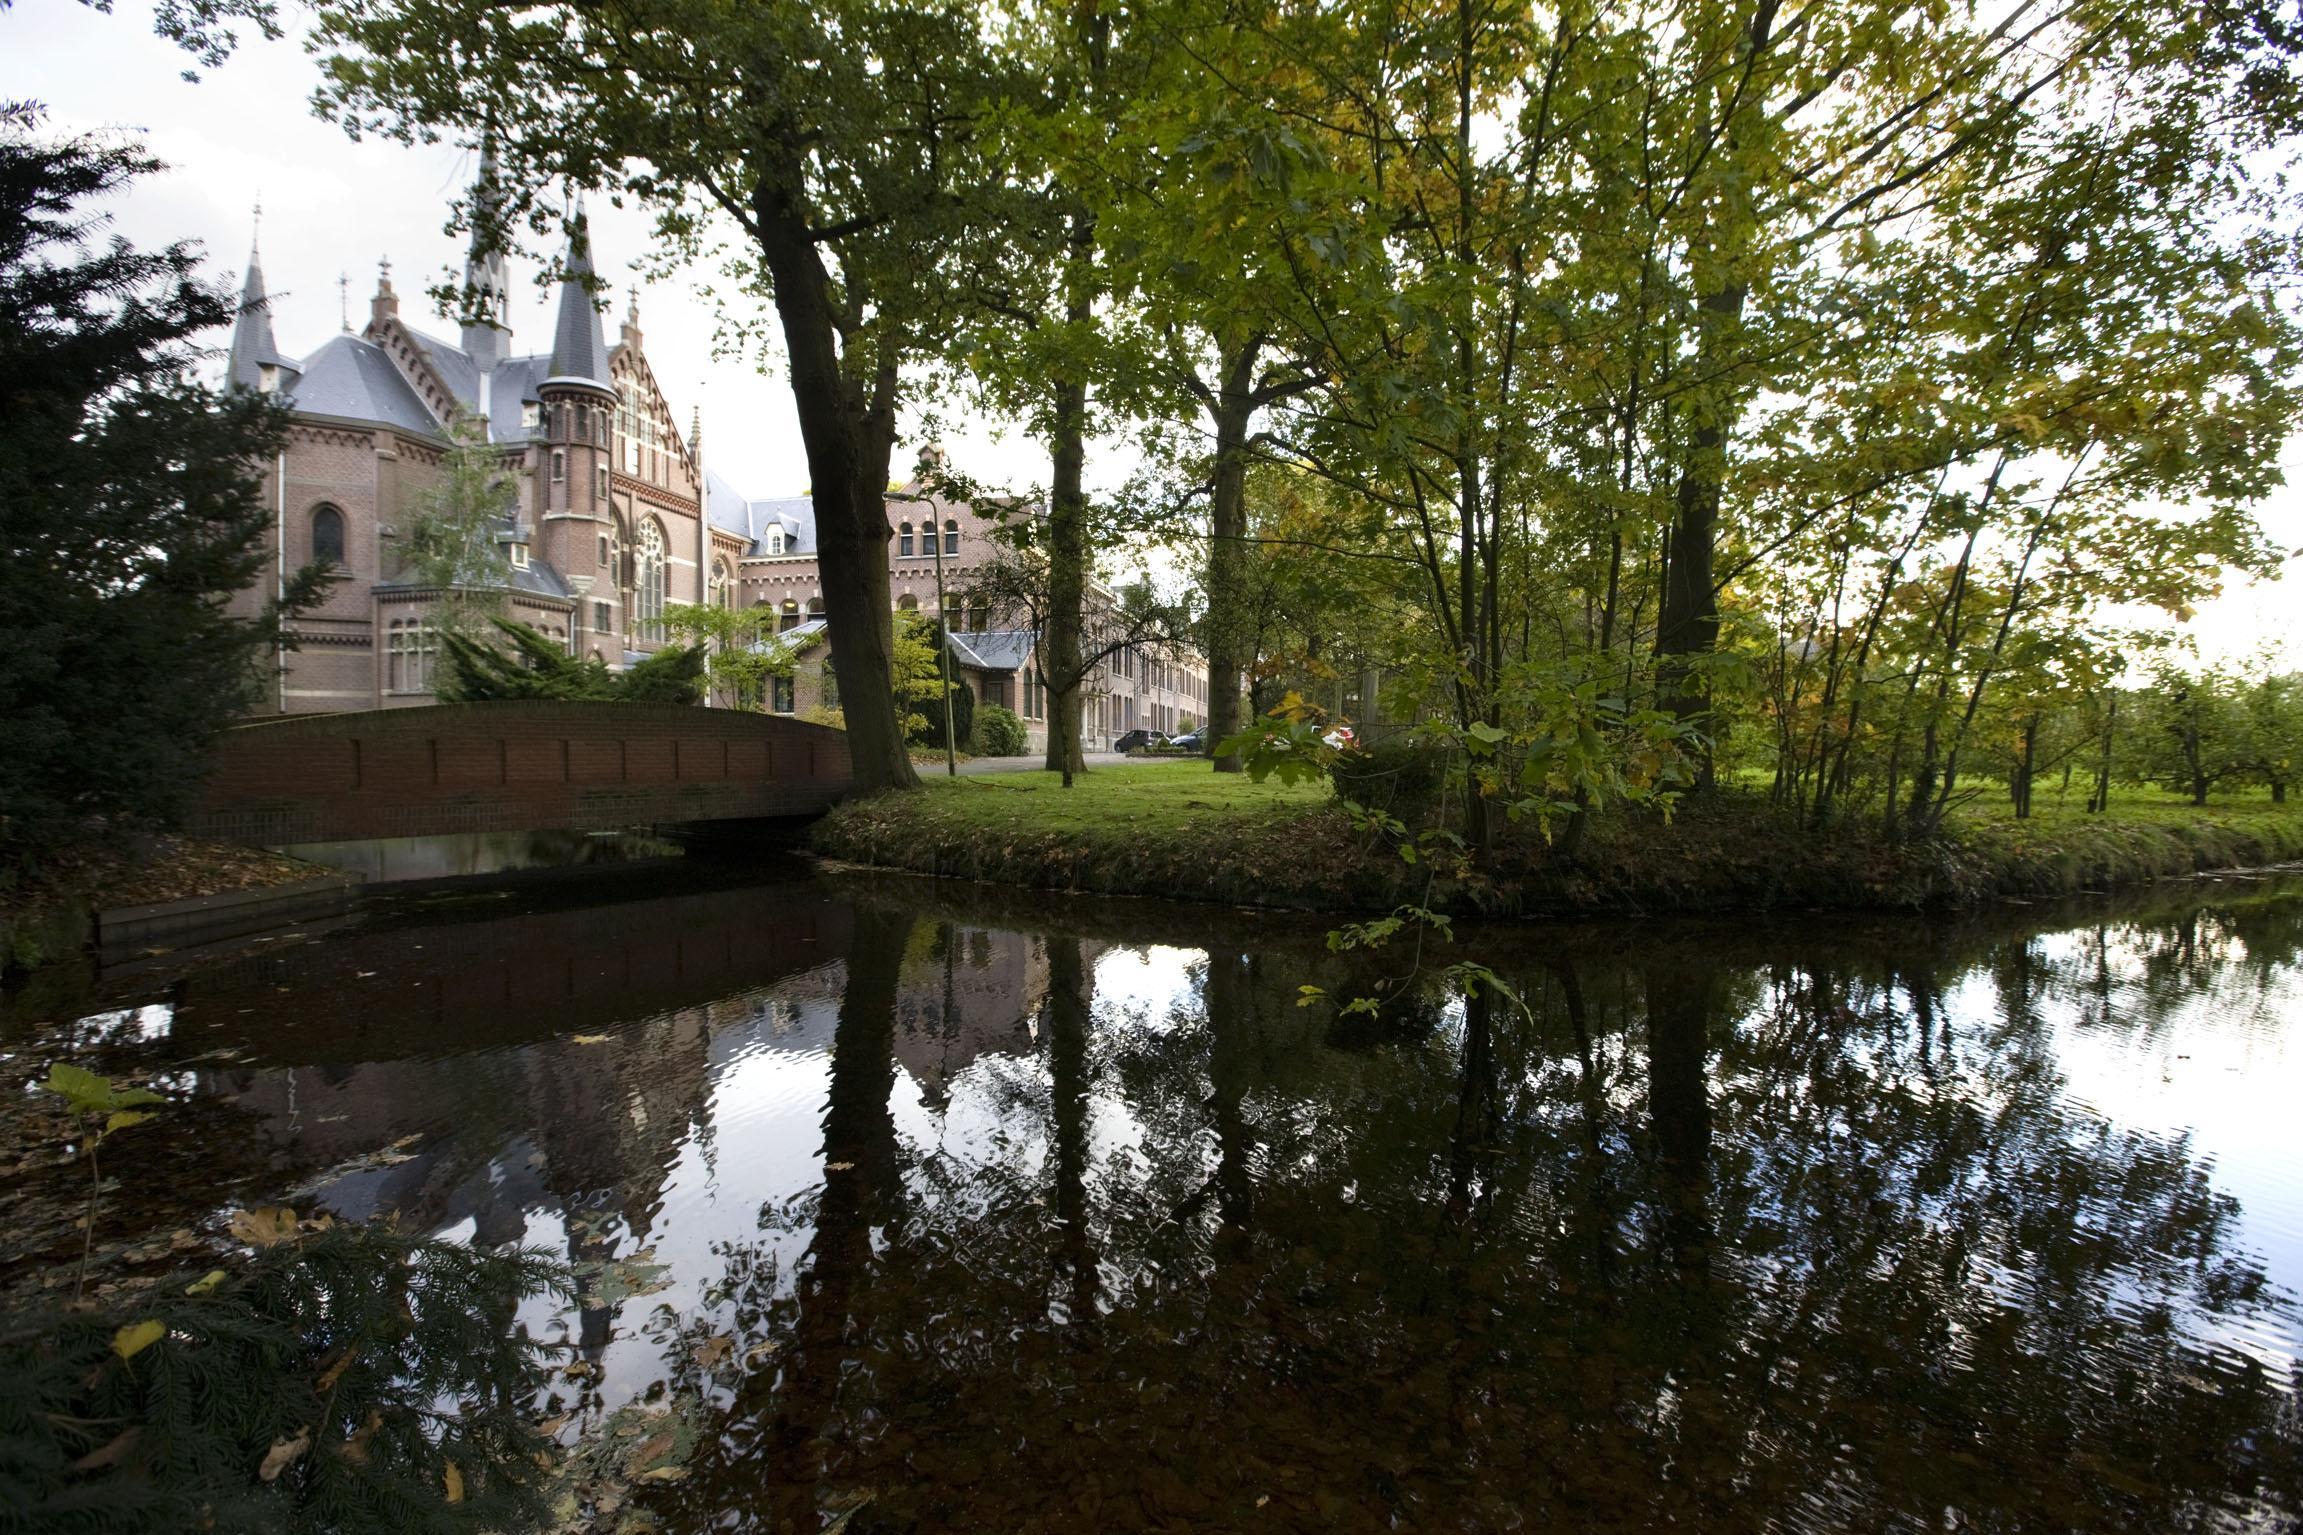 Tientallen doden in Nederlandse kloosters door corona: 'Na een leven tussen de mensen worden ze in alle stilte begraven'